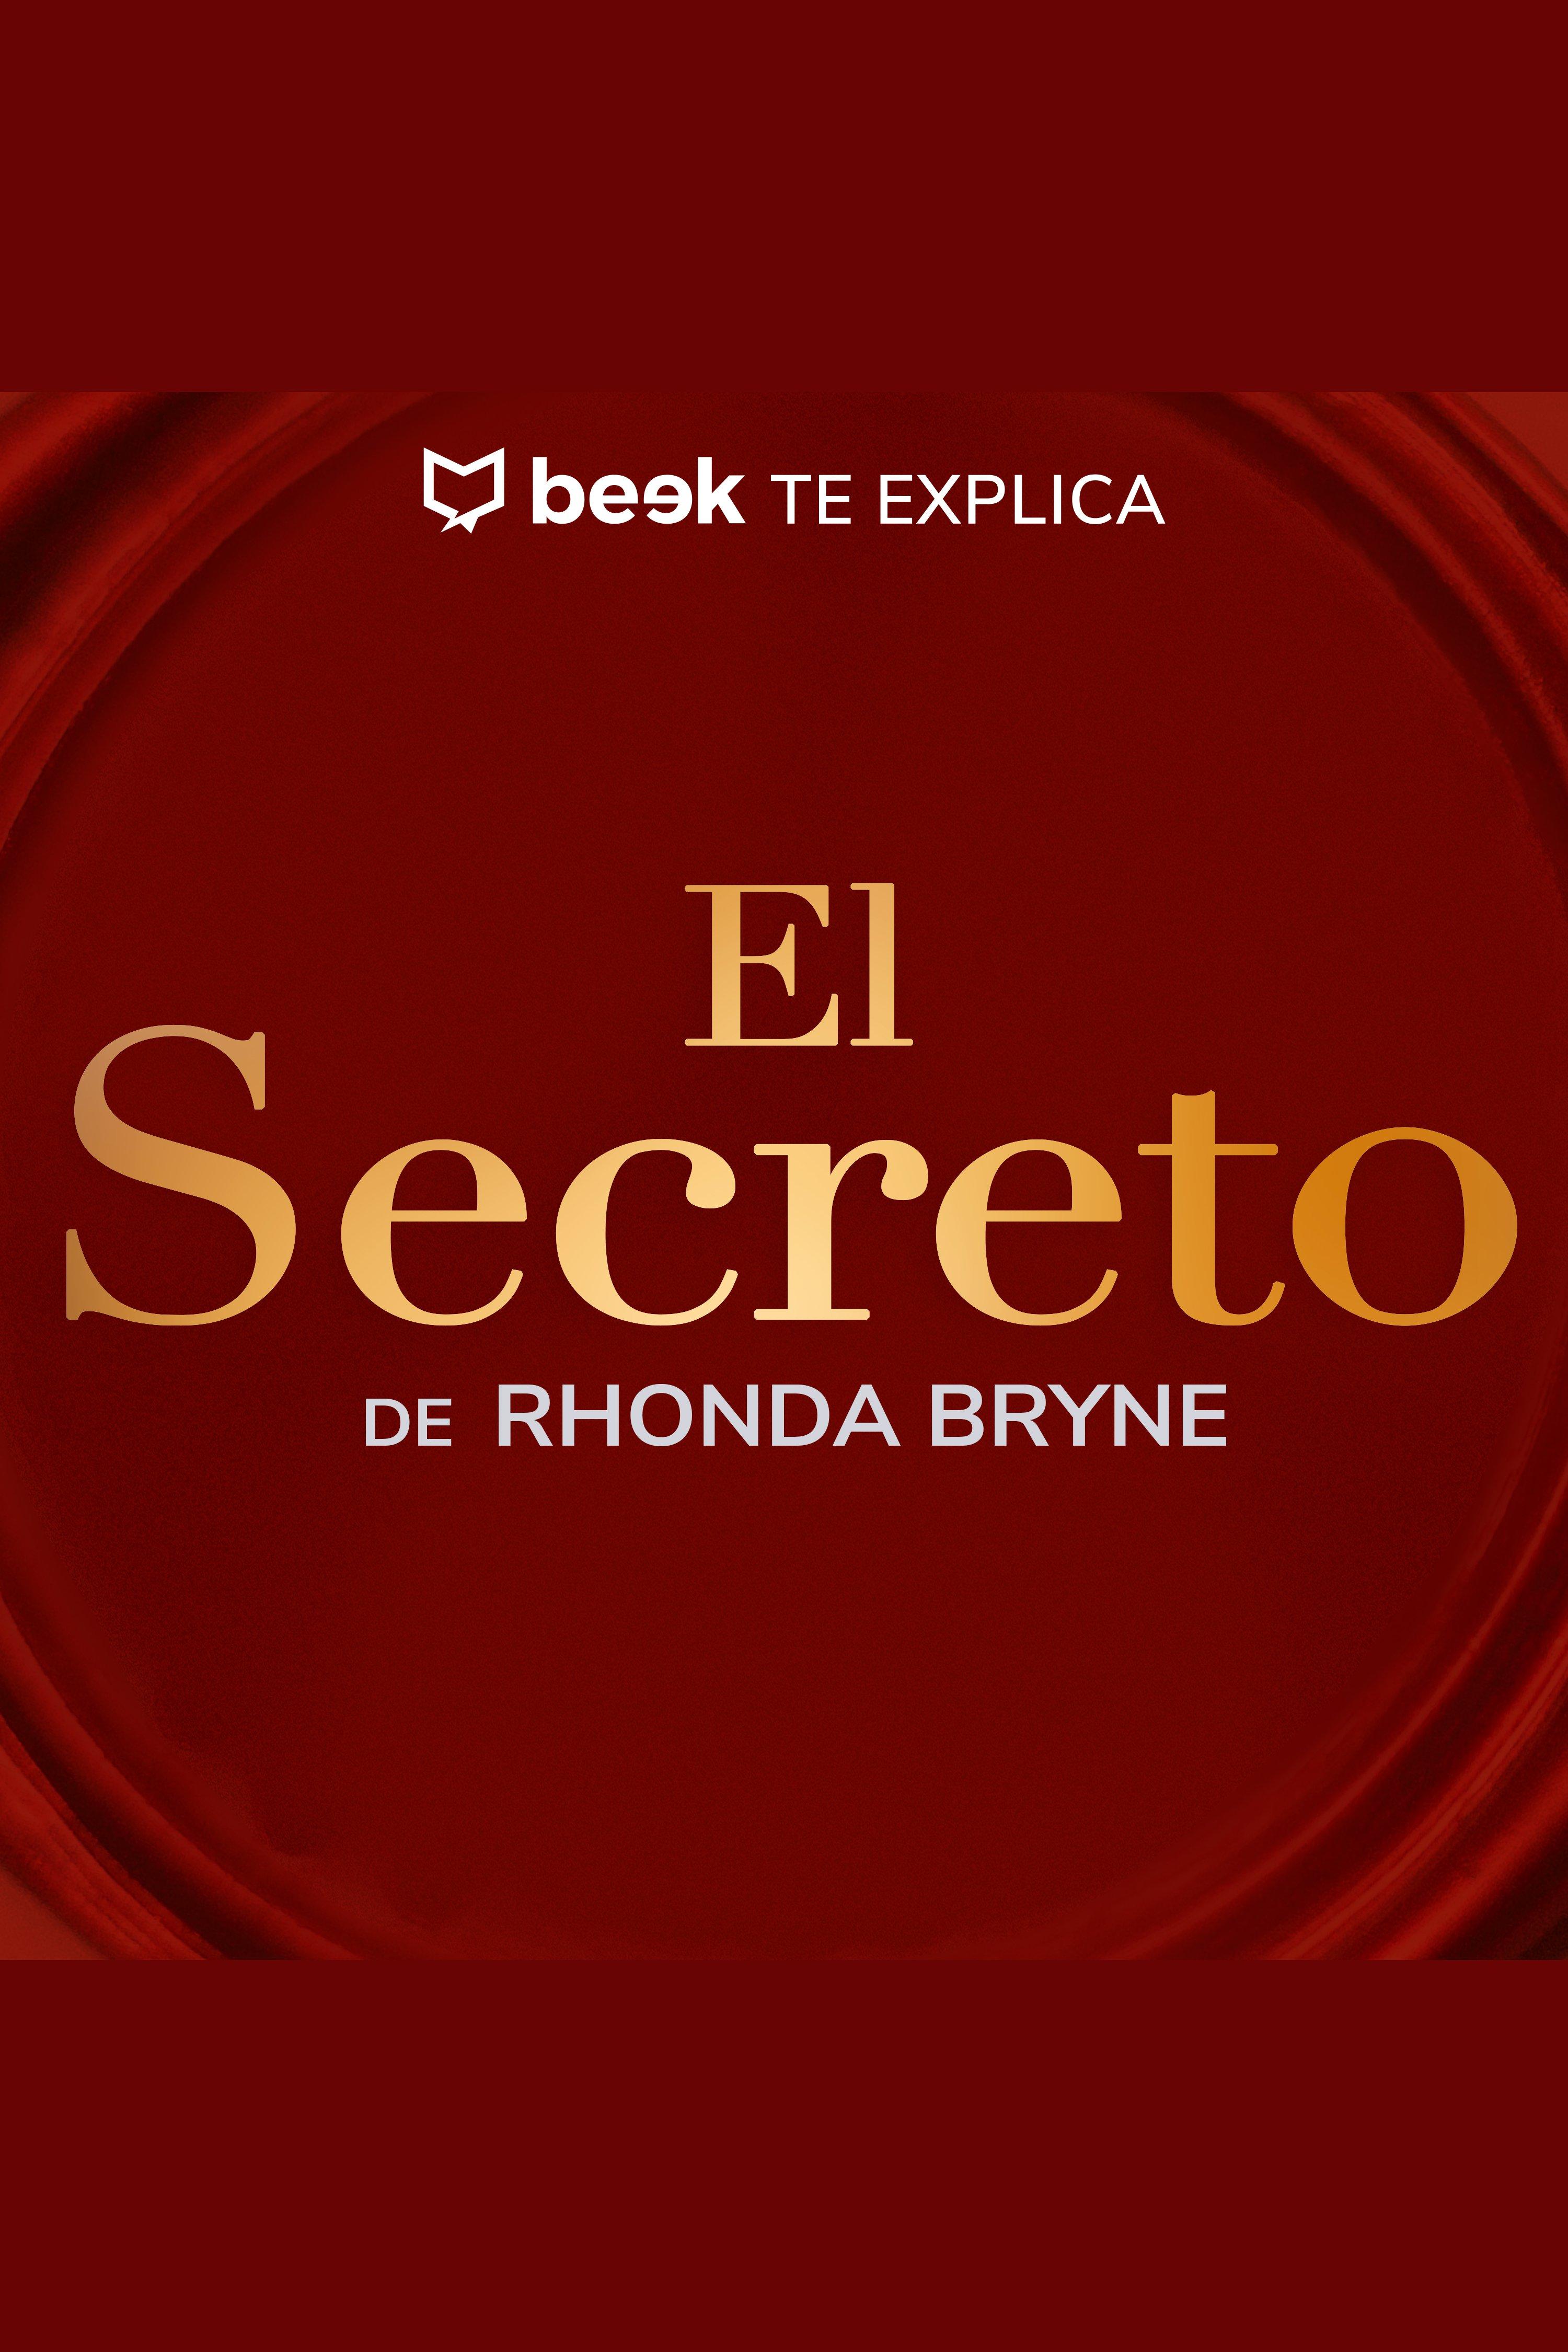 Esta es la portada del audiolibro El secreto… Beek te explica